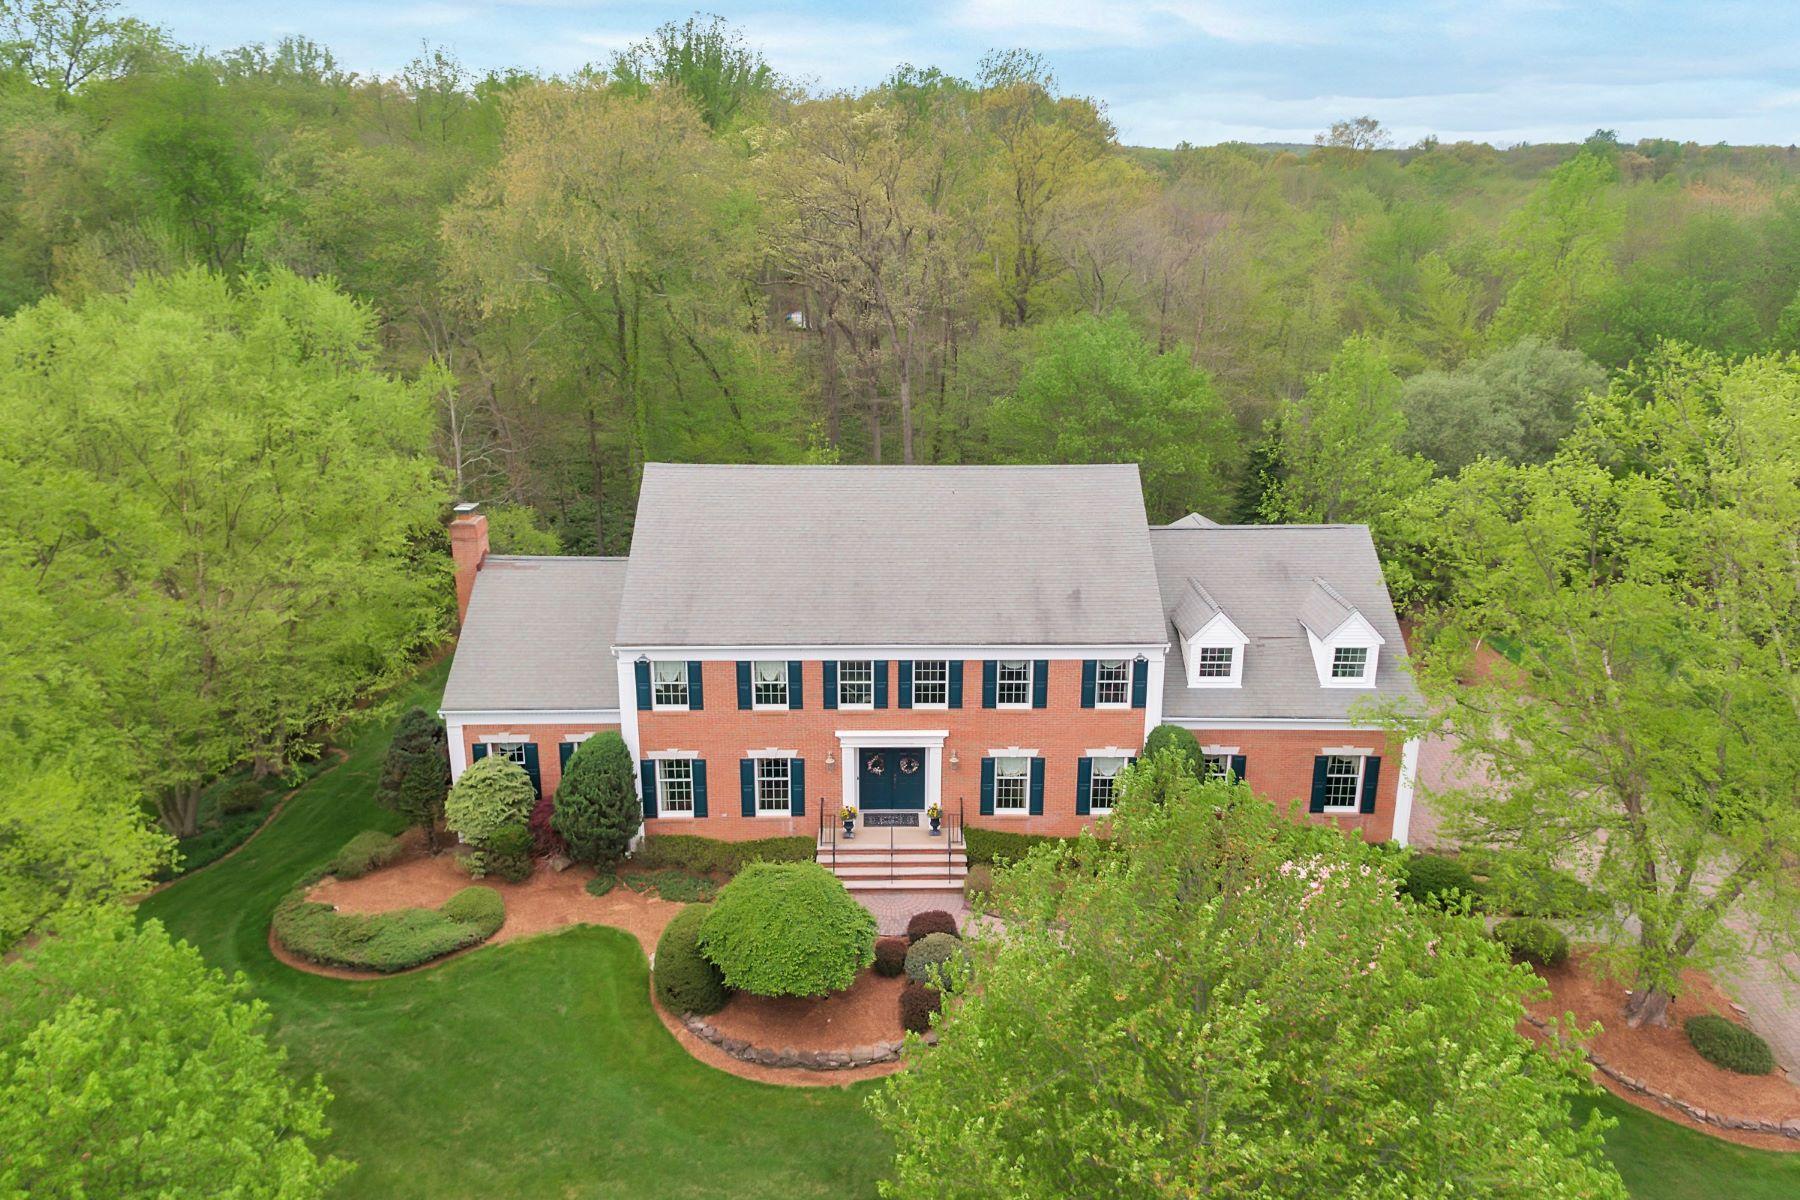 Maison unifamiliale pour l Vente à Desirable Fardale Woods Estates 28 Hutton Drive Mahwah, New Jersey, 07430 États-Unis